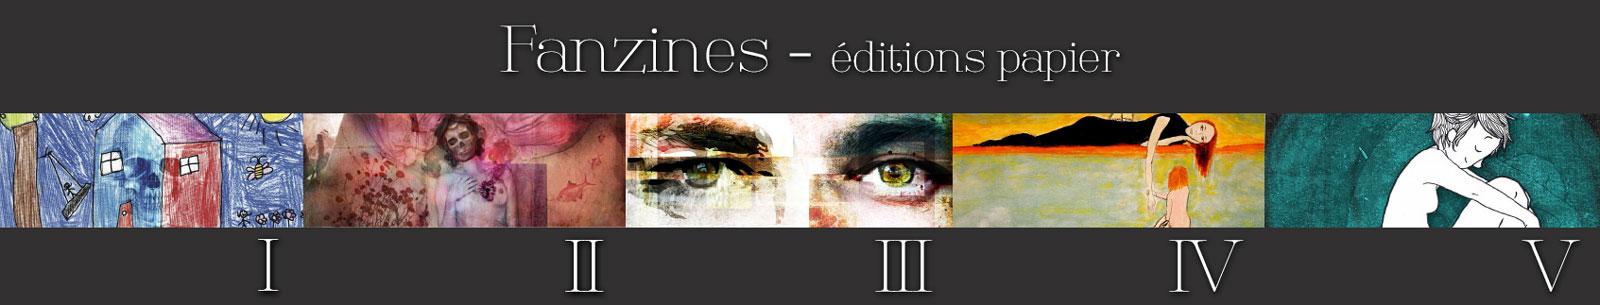 banniere-fanzines